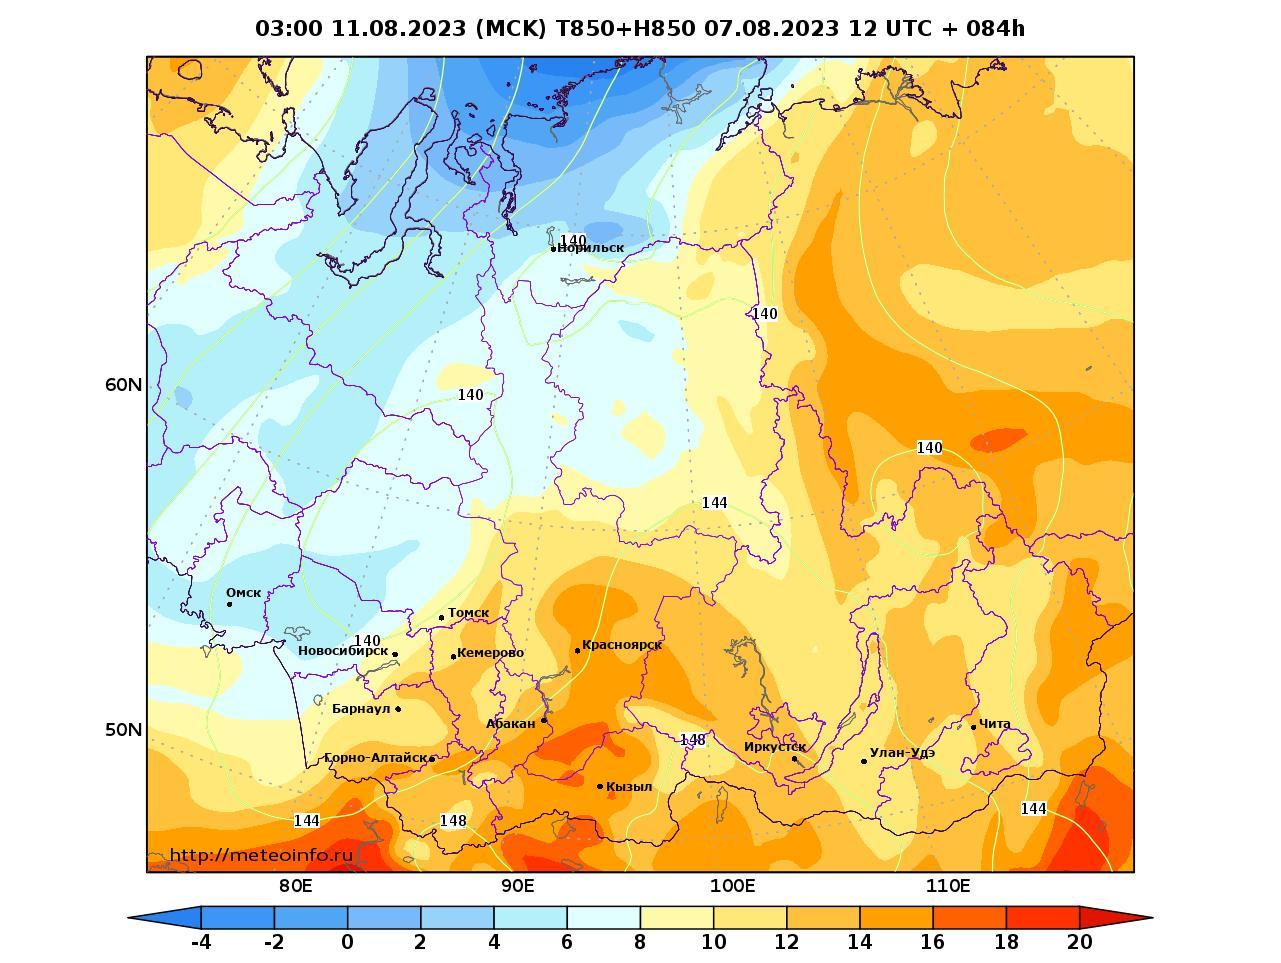 Сибирский Федеральный округ, прогностическая карта температура T850 и геопотенциал H850, заблаговременность прогноза 84 часа